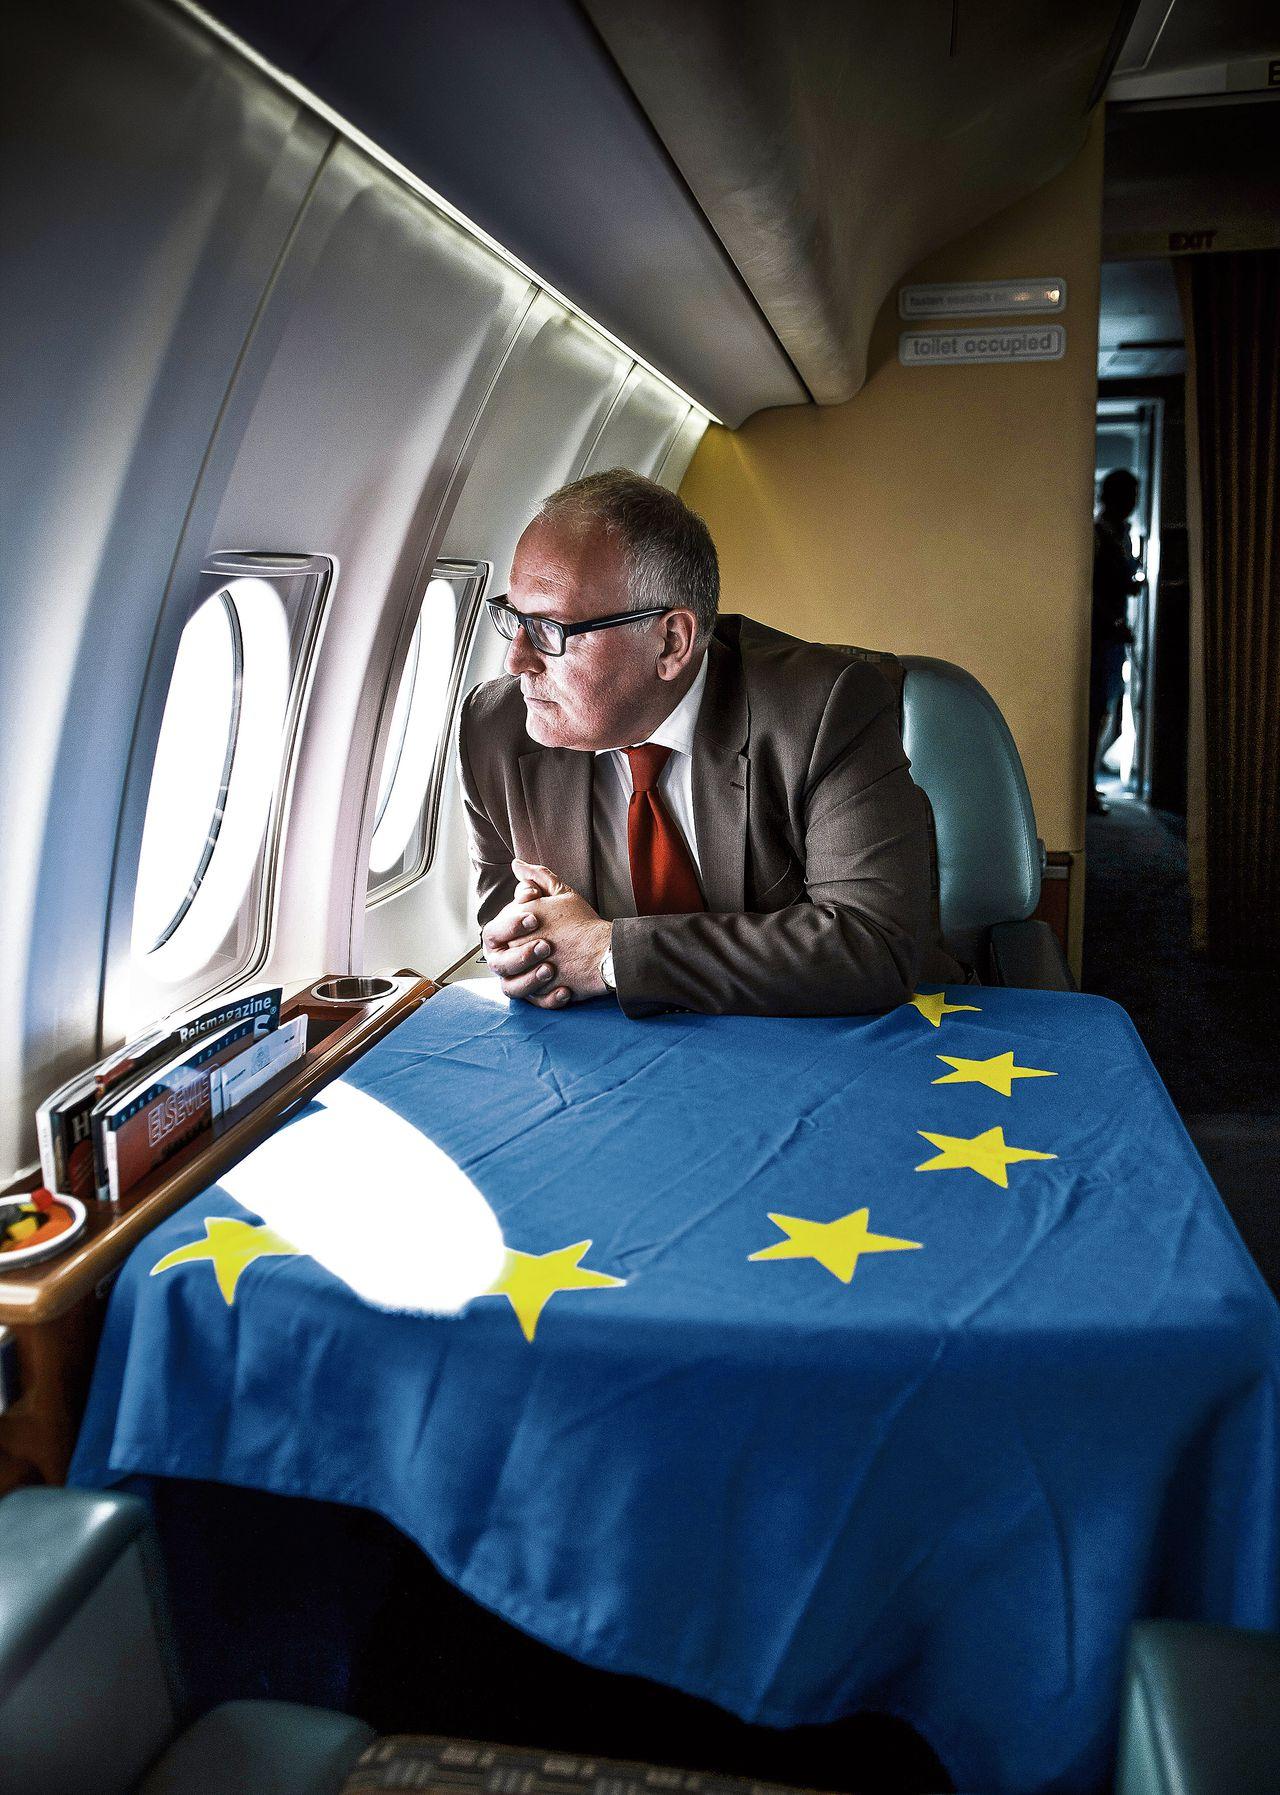 Toen nog minister Frans Timmermans, in mei 2014 aan boord van een regeringsvliegtuig op weg naar Servië.